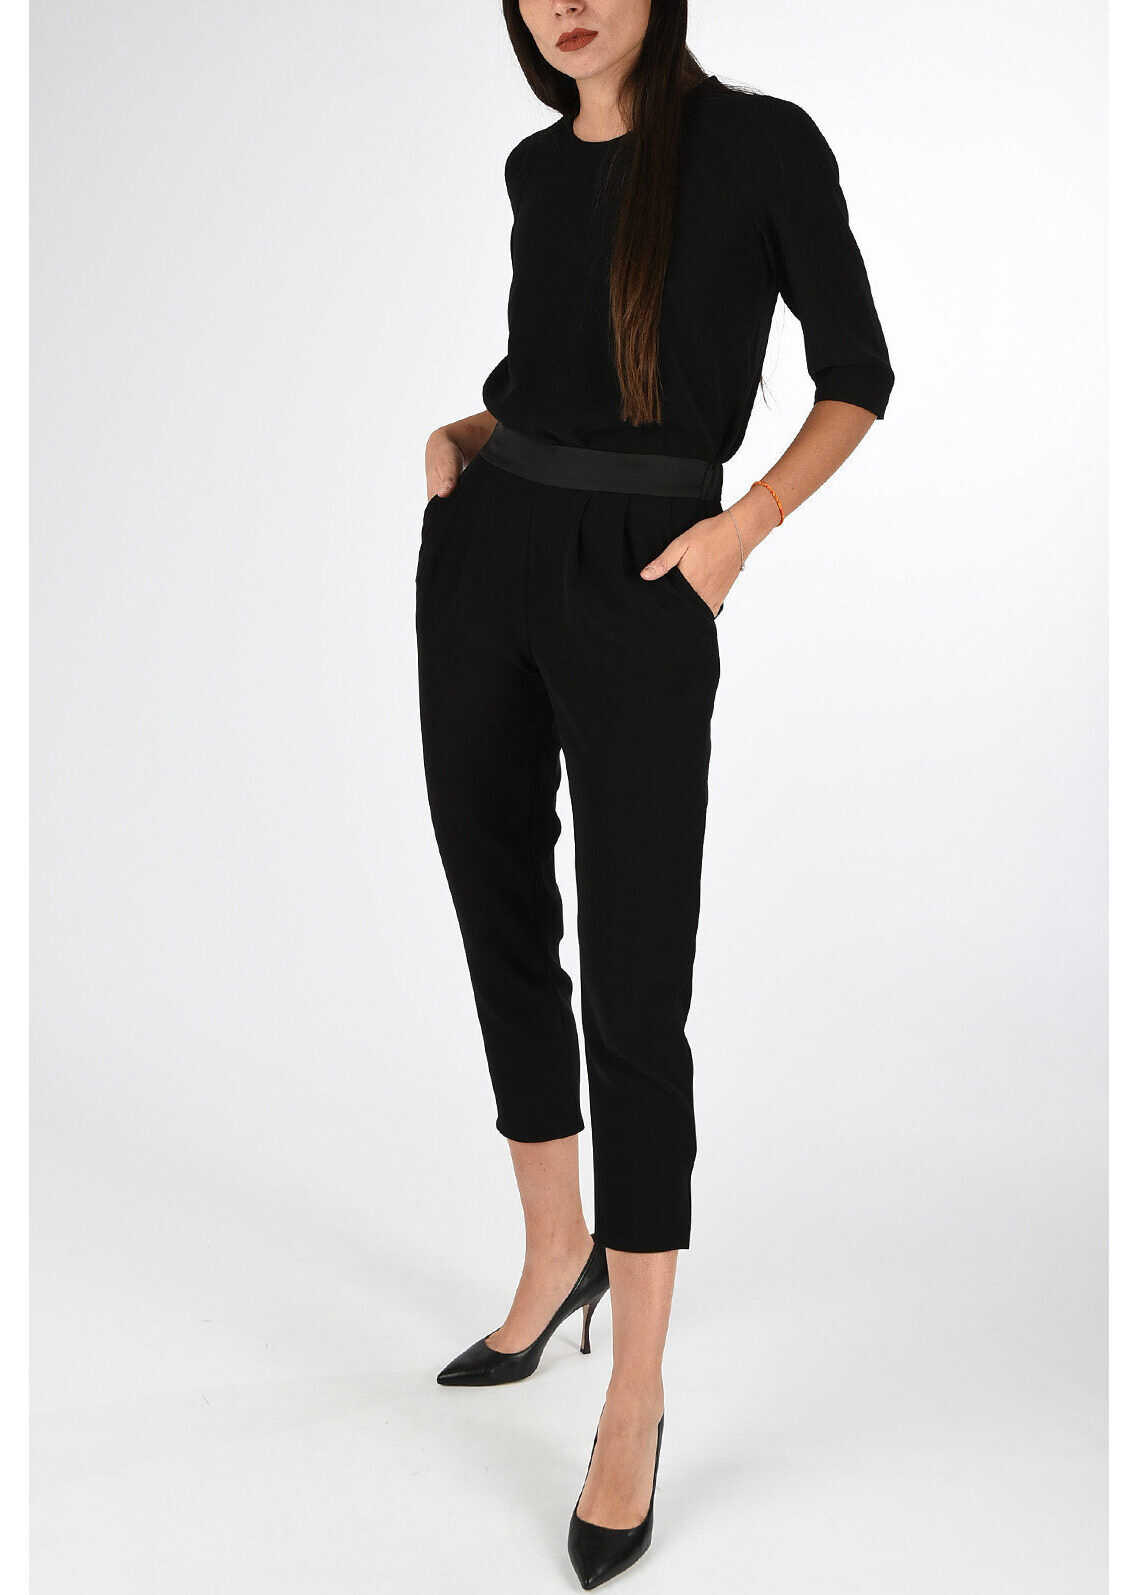 Armani COLLEZIONI Two Pieces Short Sleeve Jumpsuit BLACK